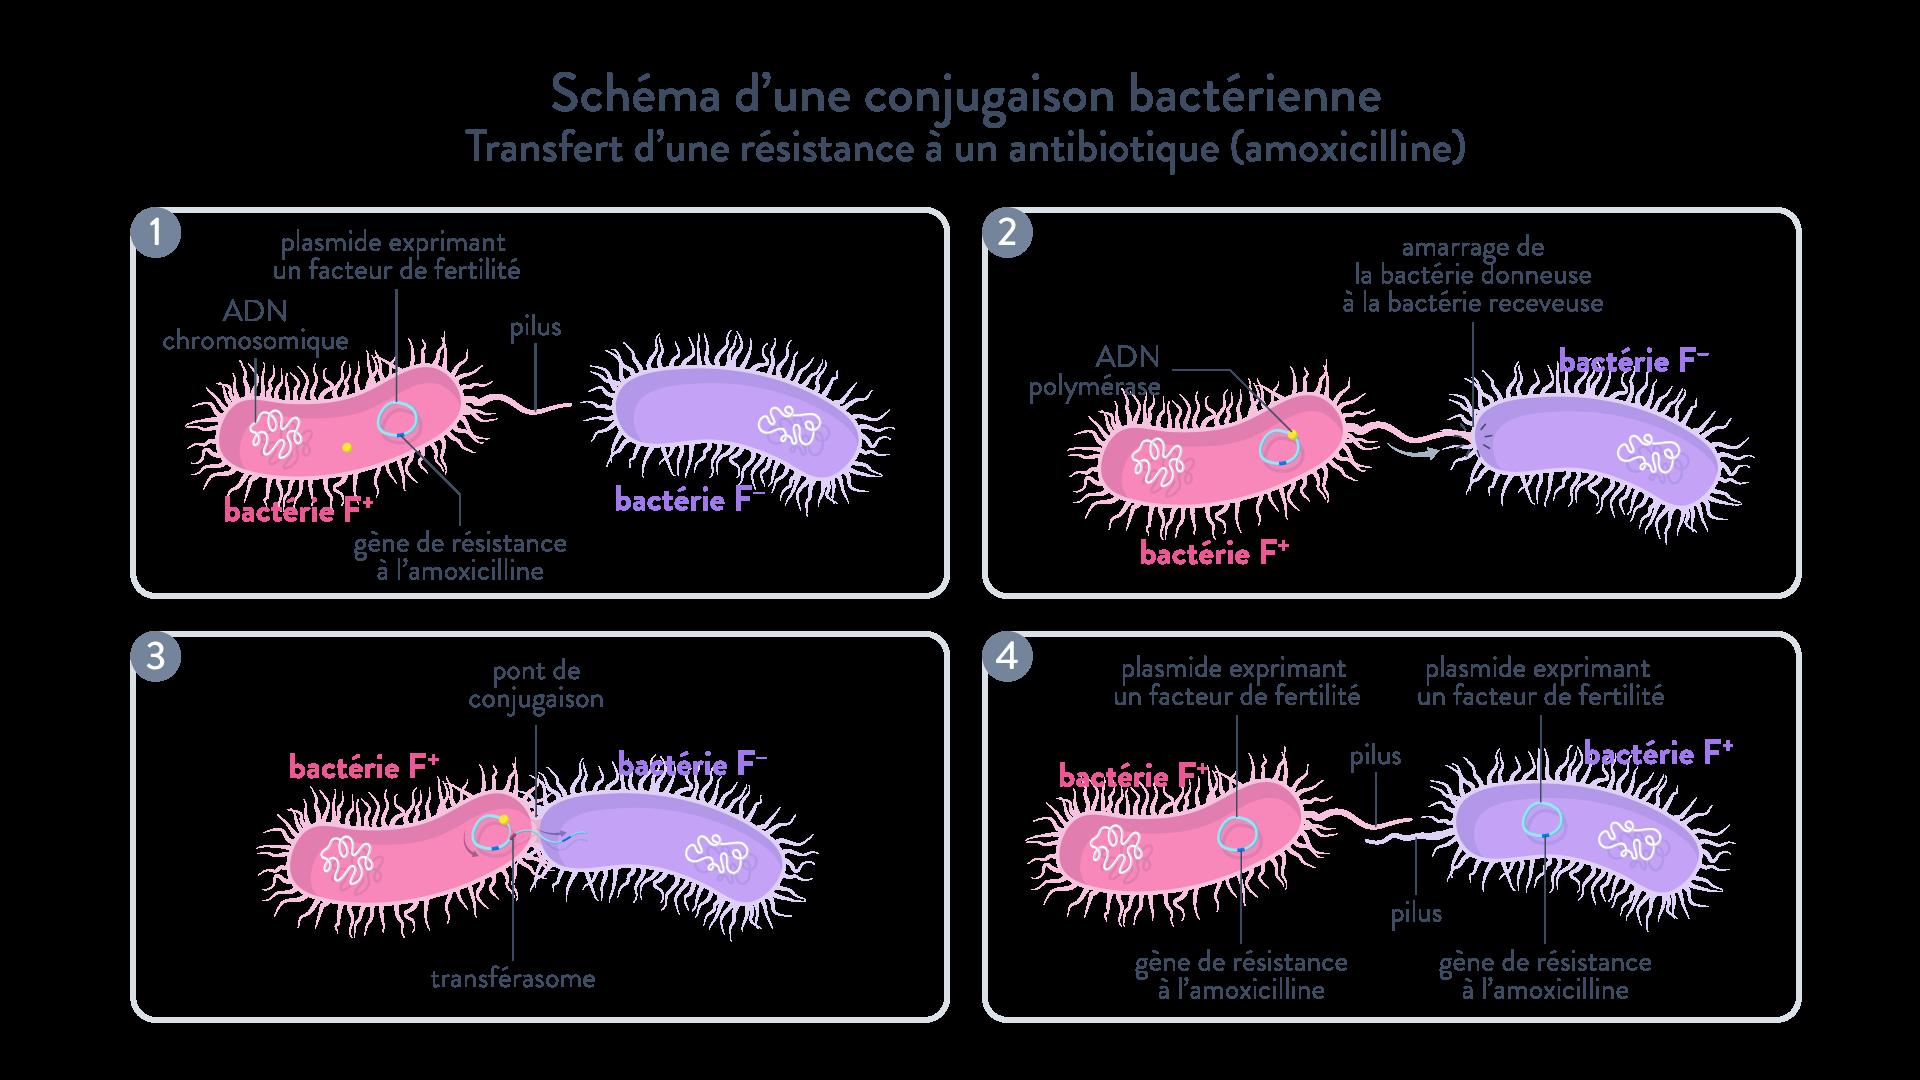 bactérie conjugaison bactérienne: transfert horizontal d'une résistance à un antibiotique (amoxicilline)